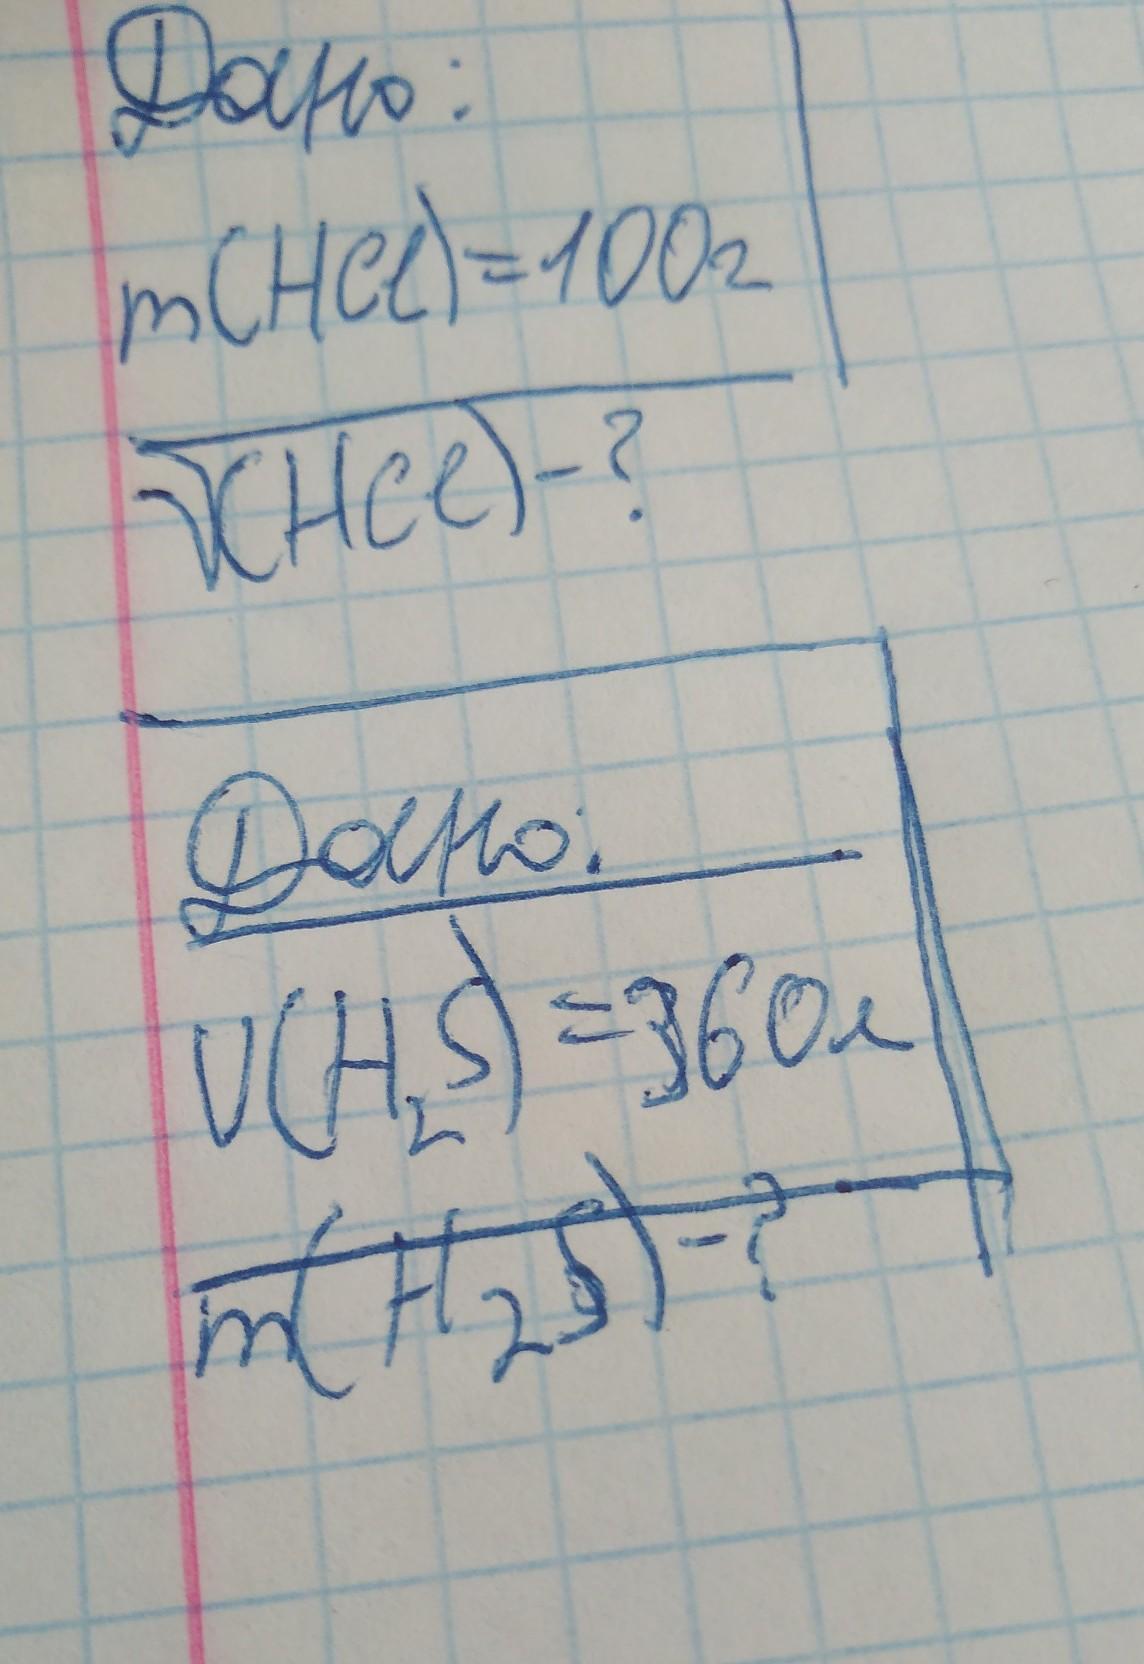 Помогу решить задачи по химии решение бухгалтерских задач скачать